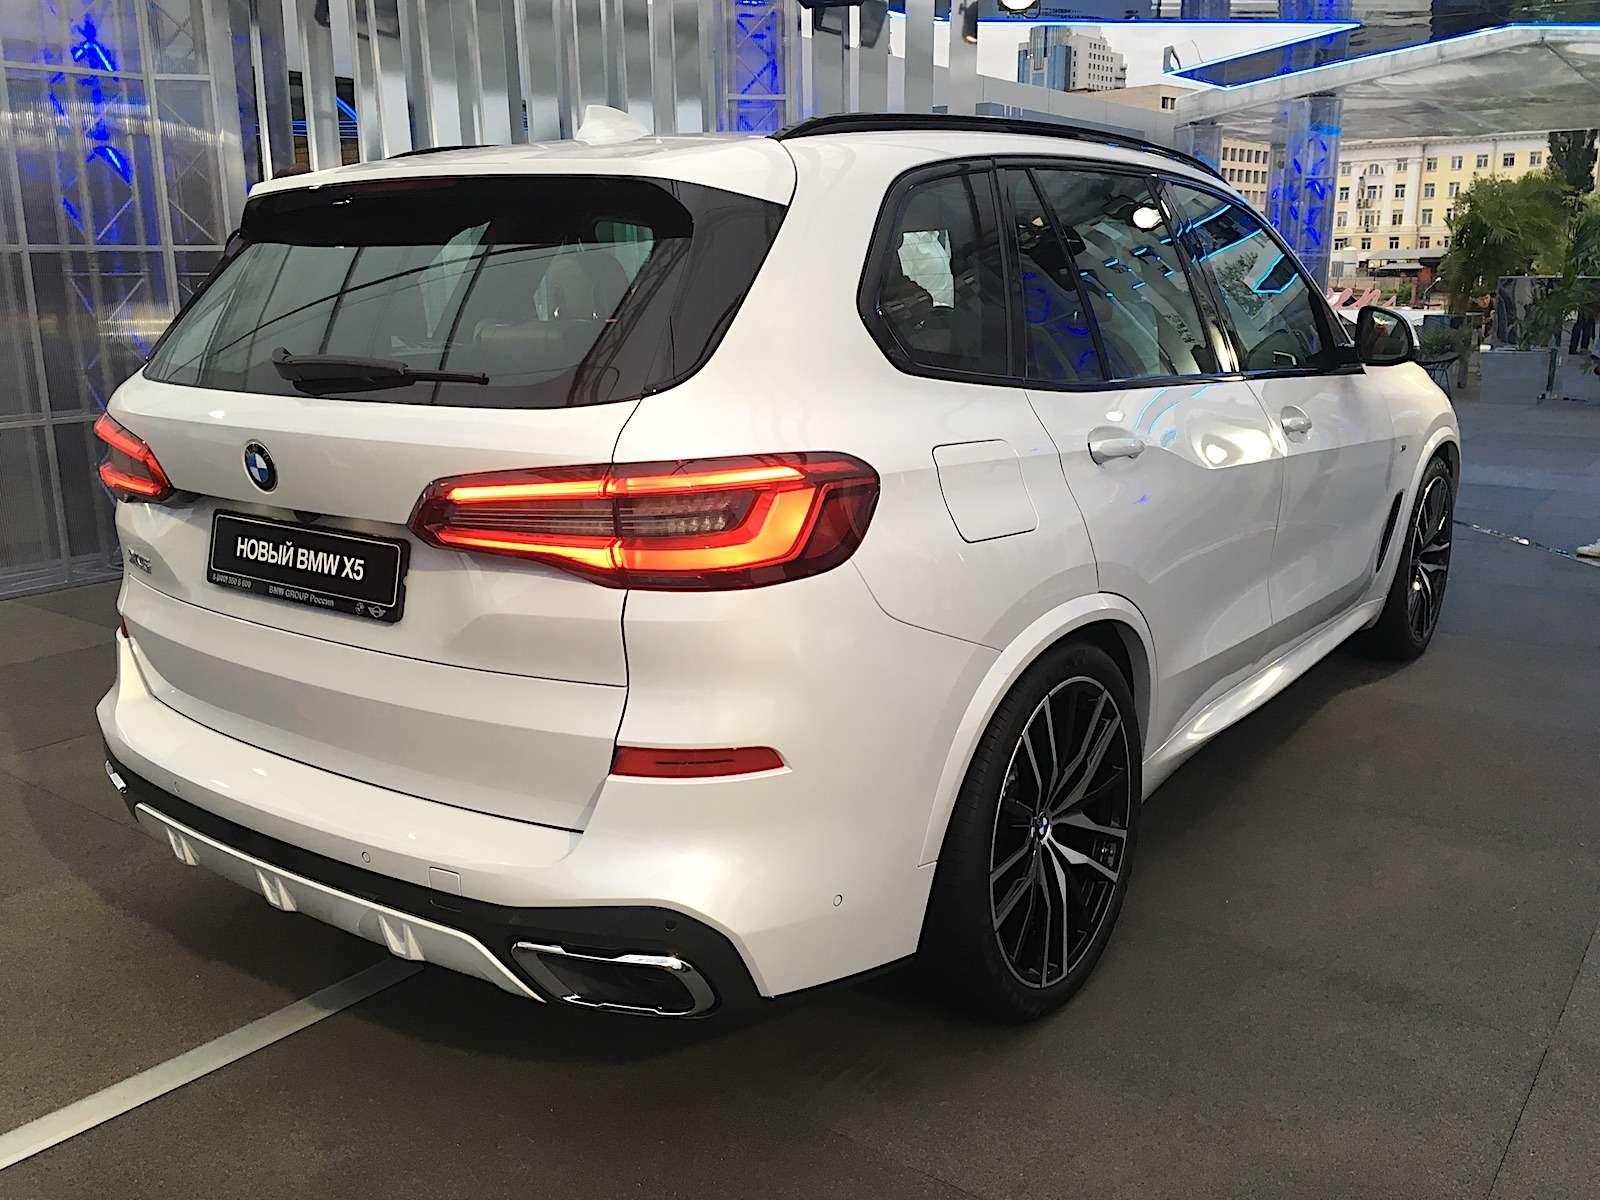 Абсолютно новый BMW X5всплыл вМоскве. Задолго доофициальной премьеры!— фото 889849